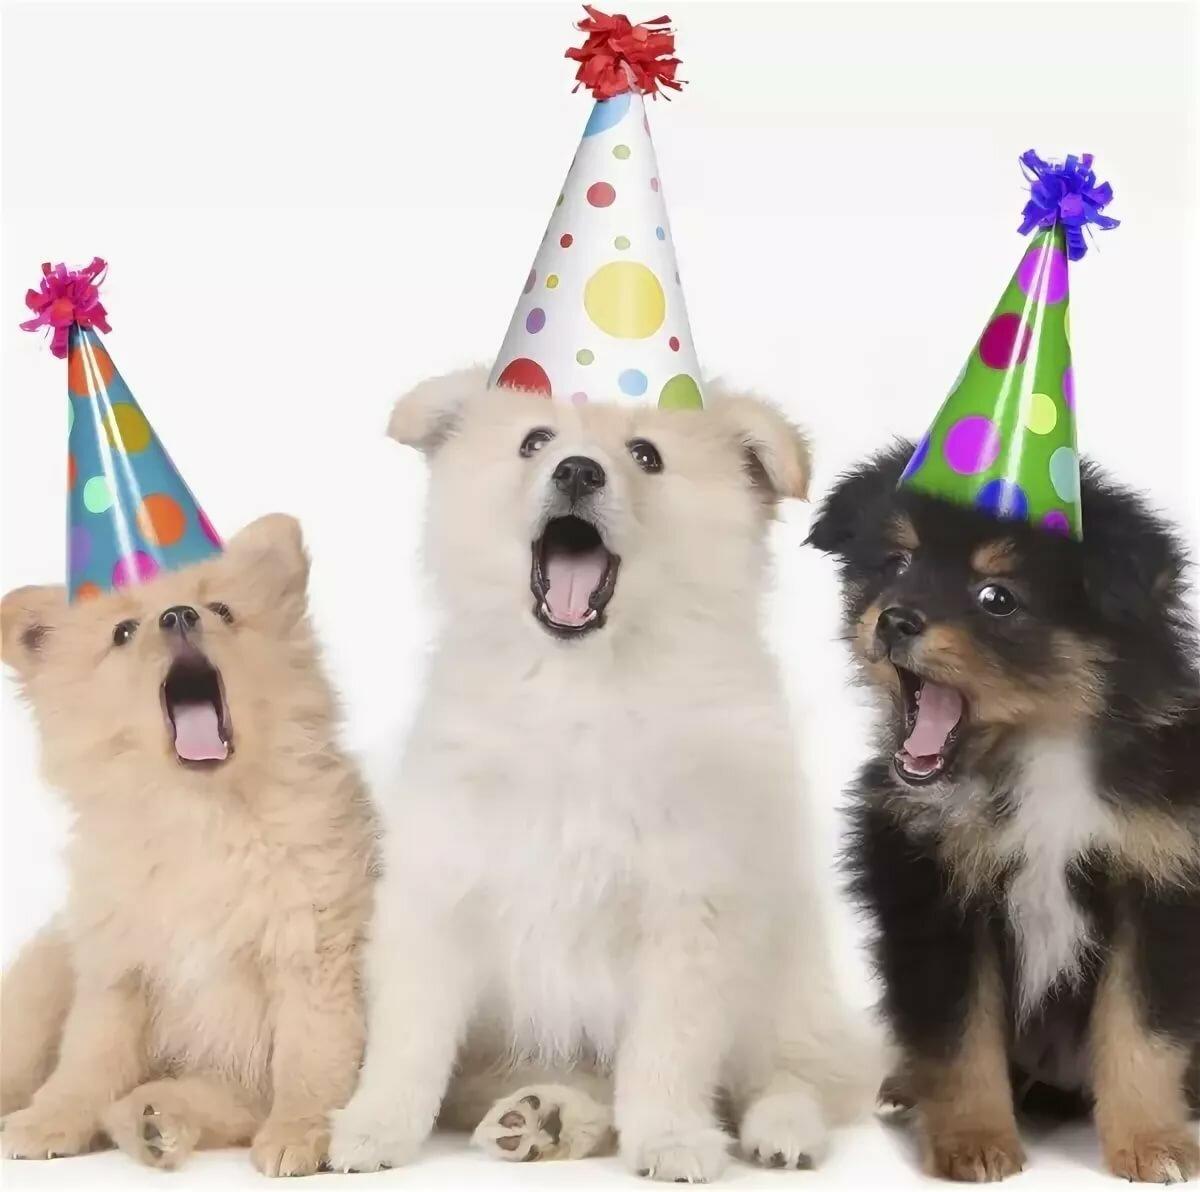 Открытки к дню рождения с собаками, открытки